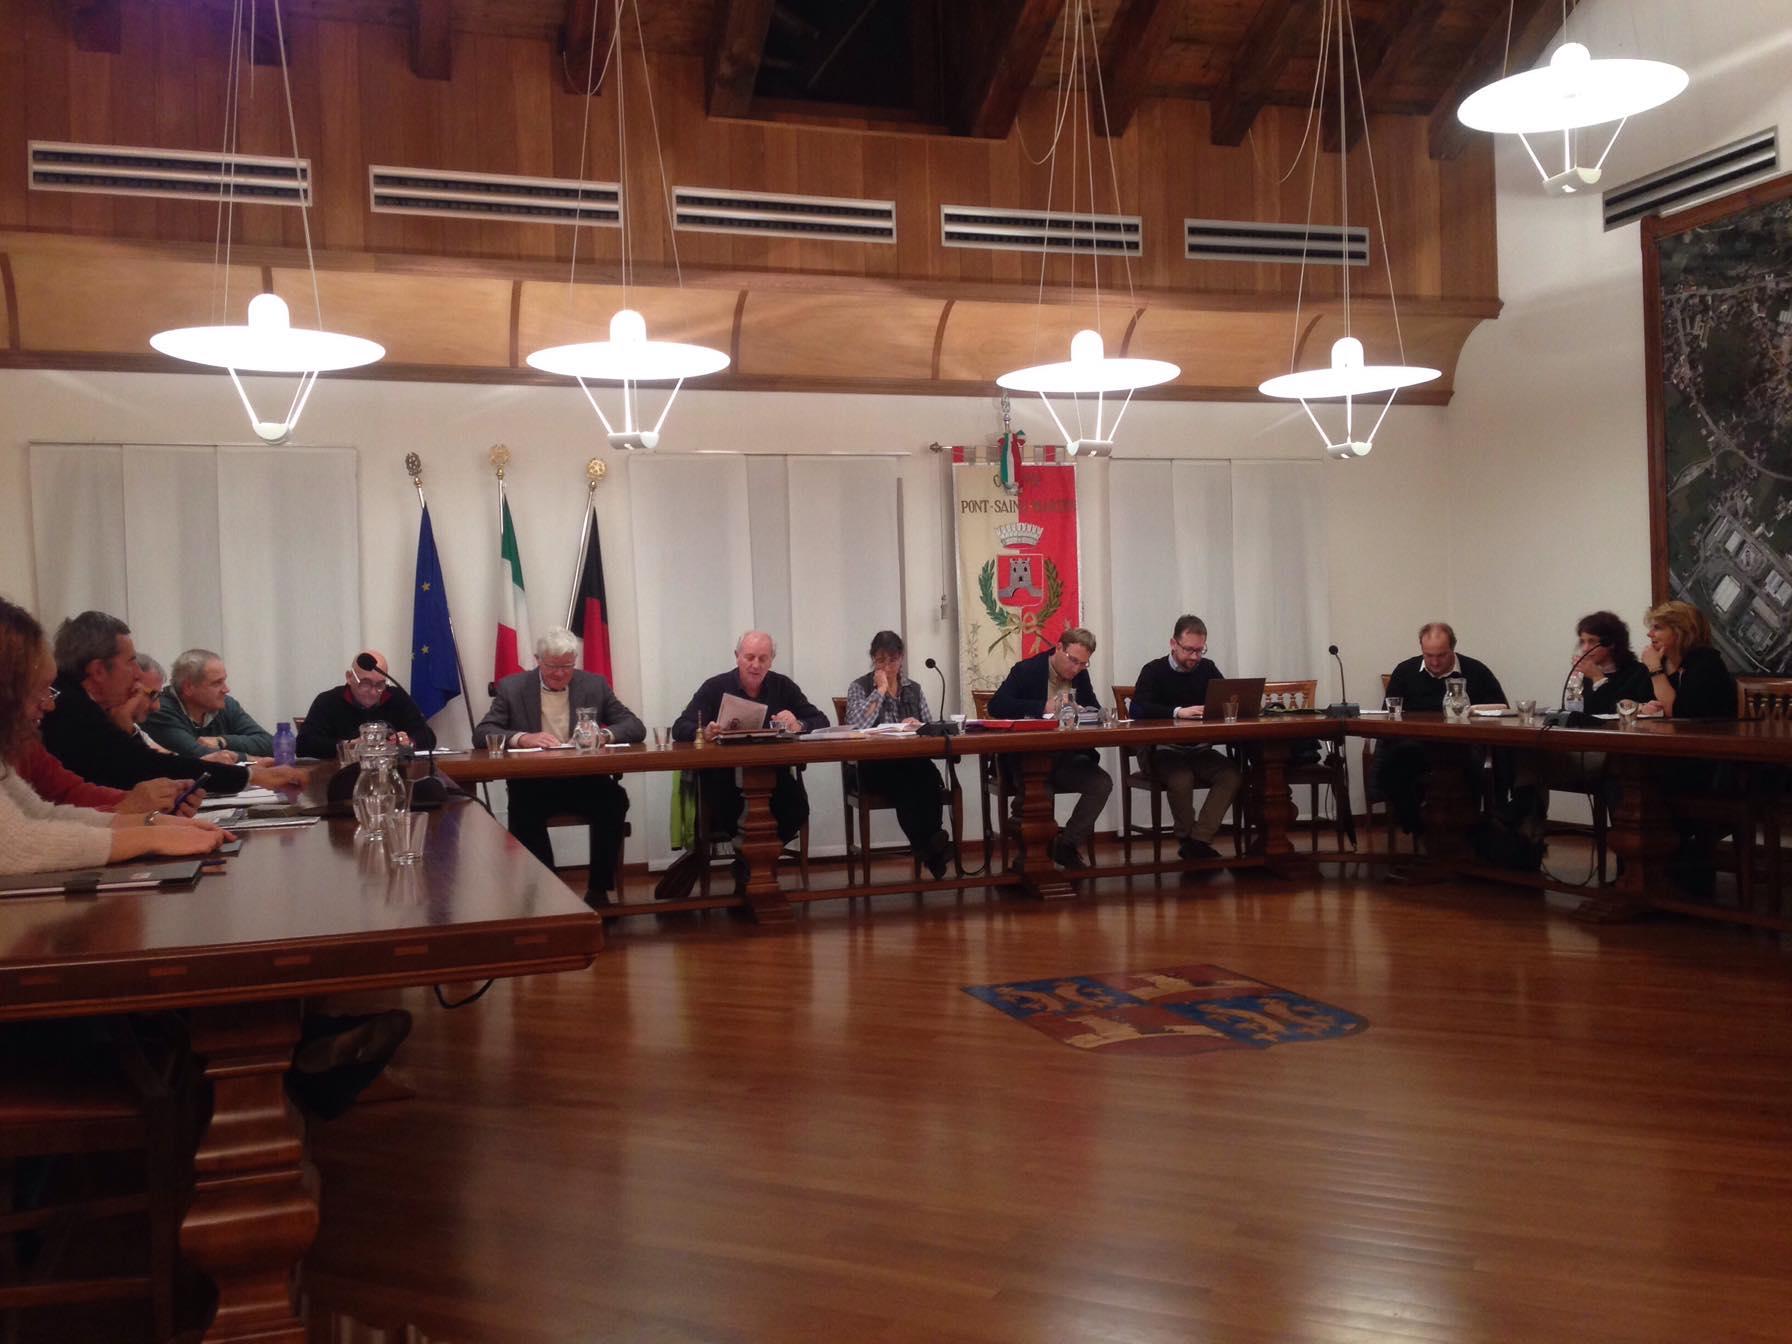 Consiglio comunale a Pont-Saint-Martin il 7 novembre 2019 - Bobine.tv